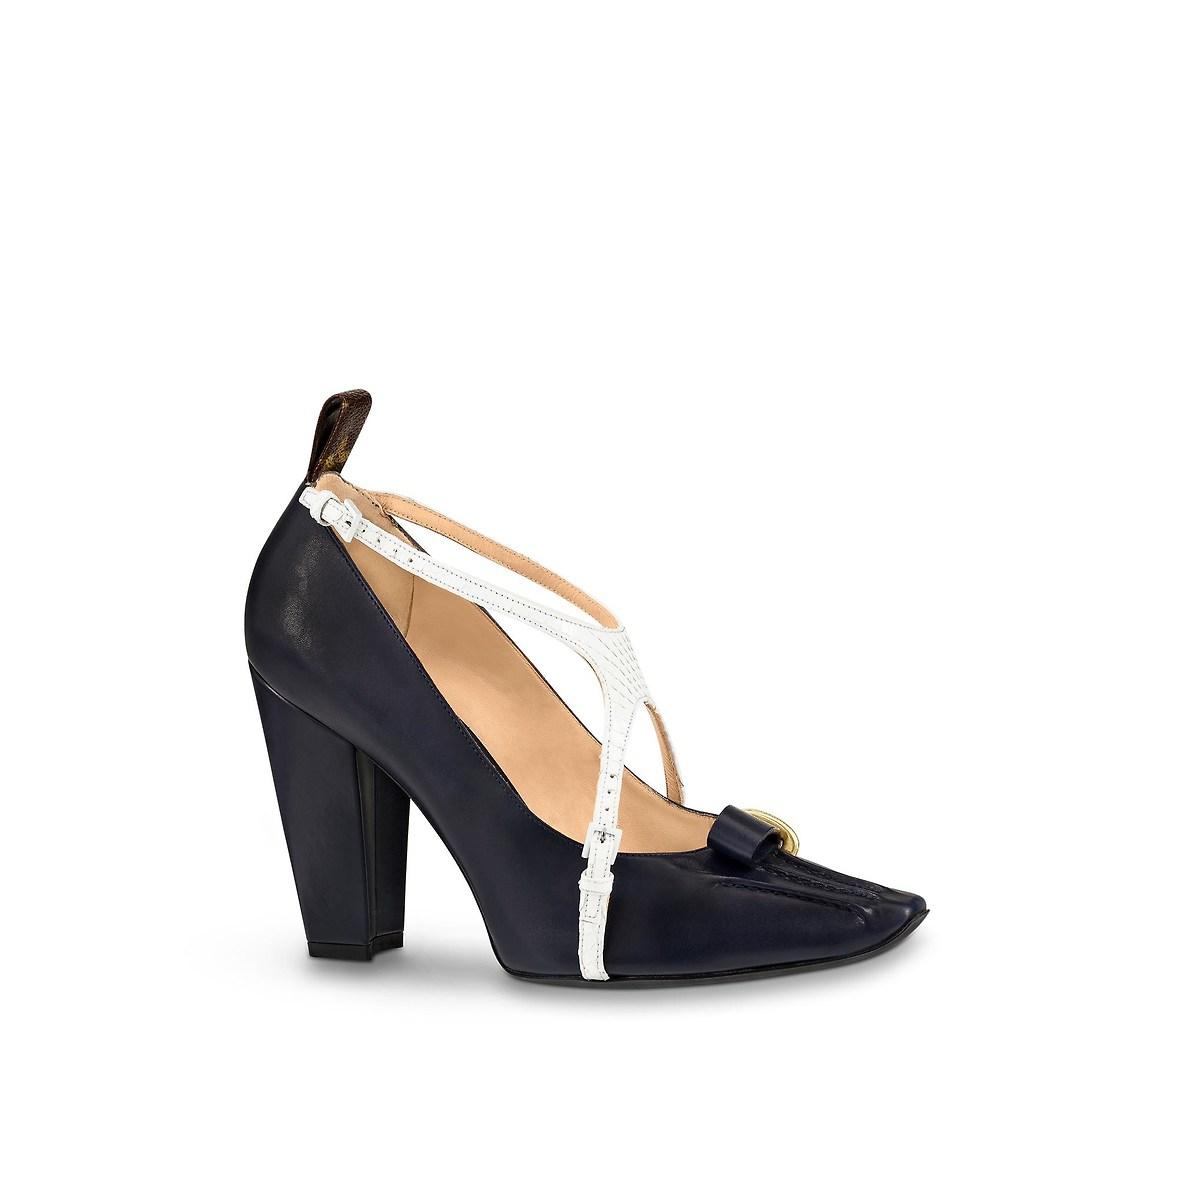 Scarpe con tacco Louis Vuitton al prezzo di 1150 euro autunno inverno 2018 2019